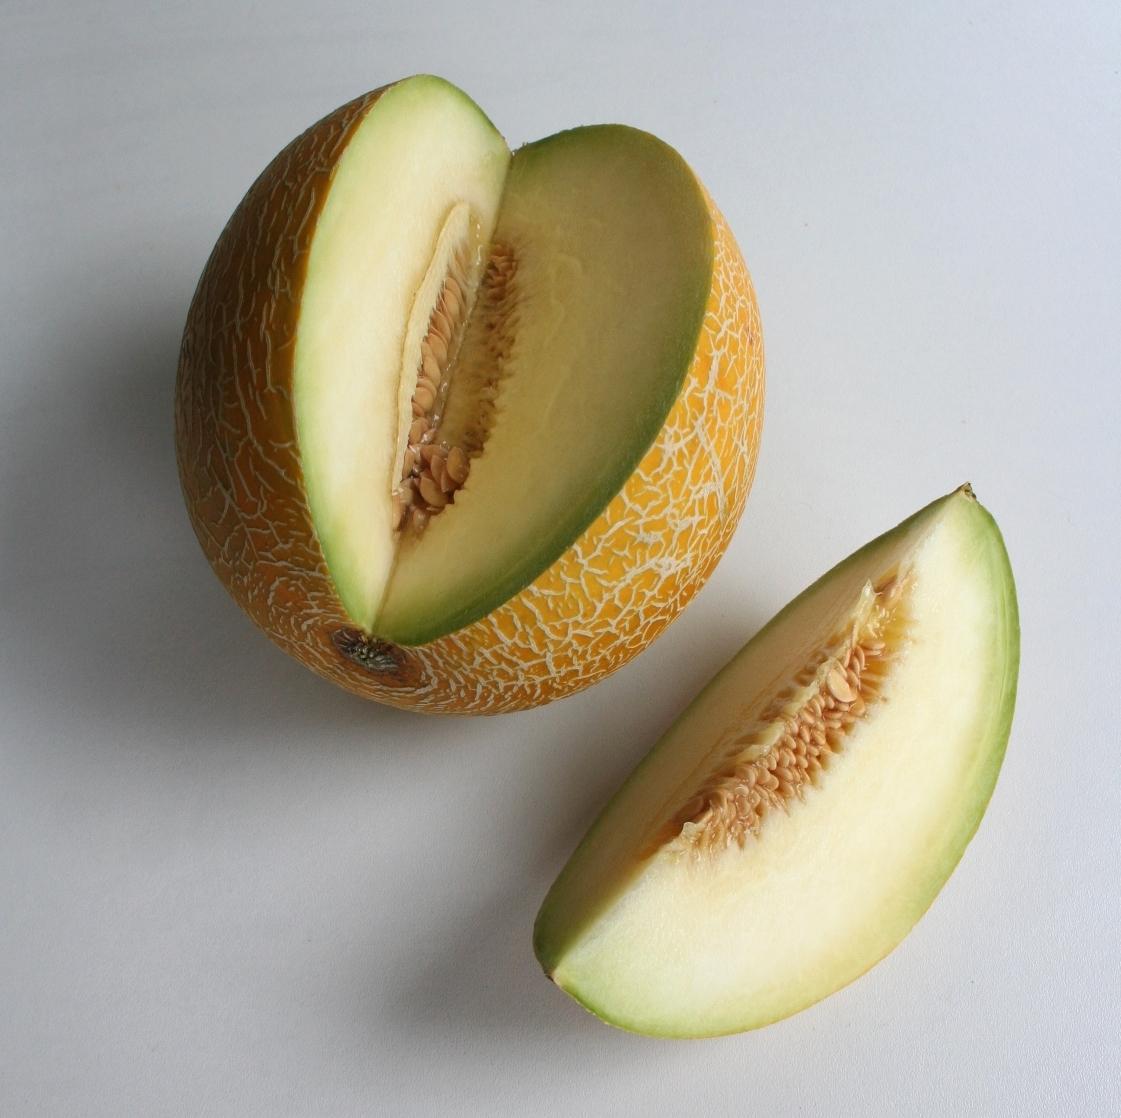 Πεπόνι: ένα μαγικό καλοκαιρινό φρούτο.